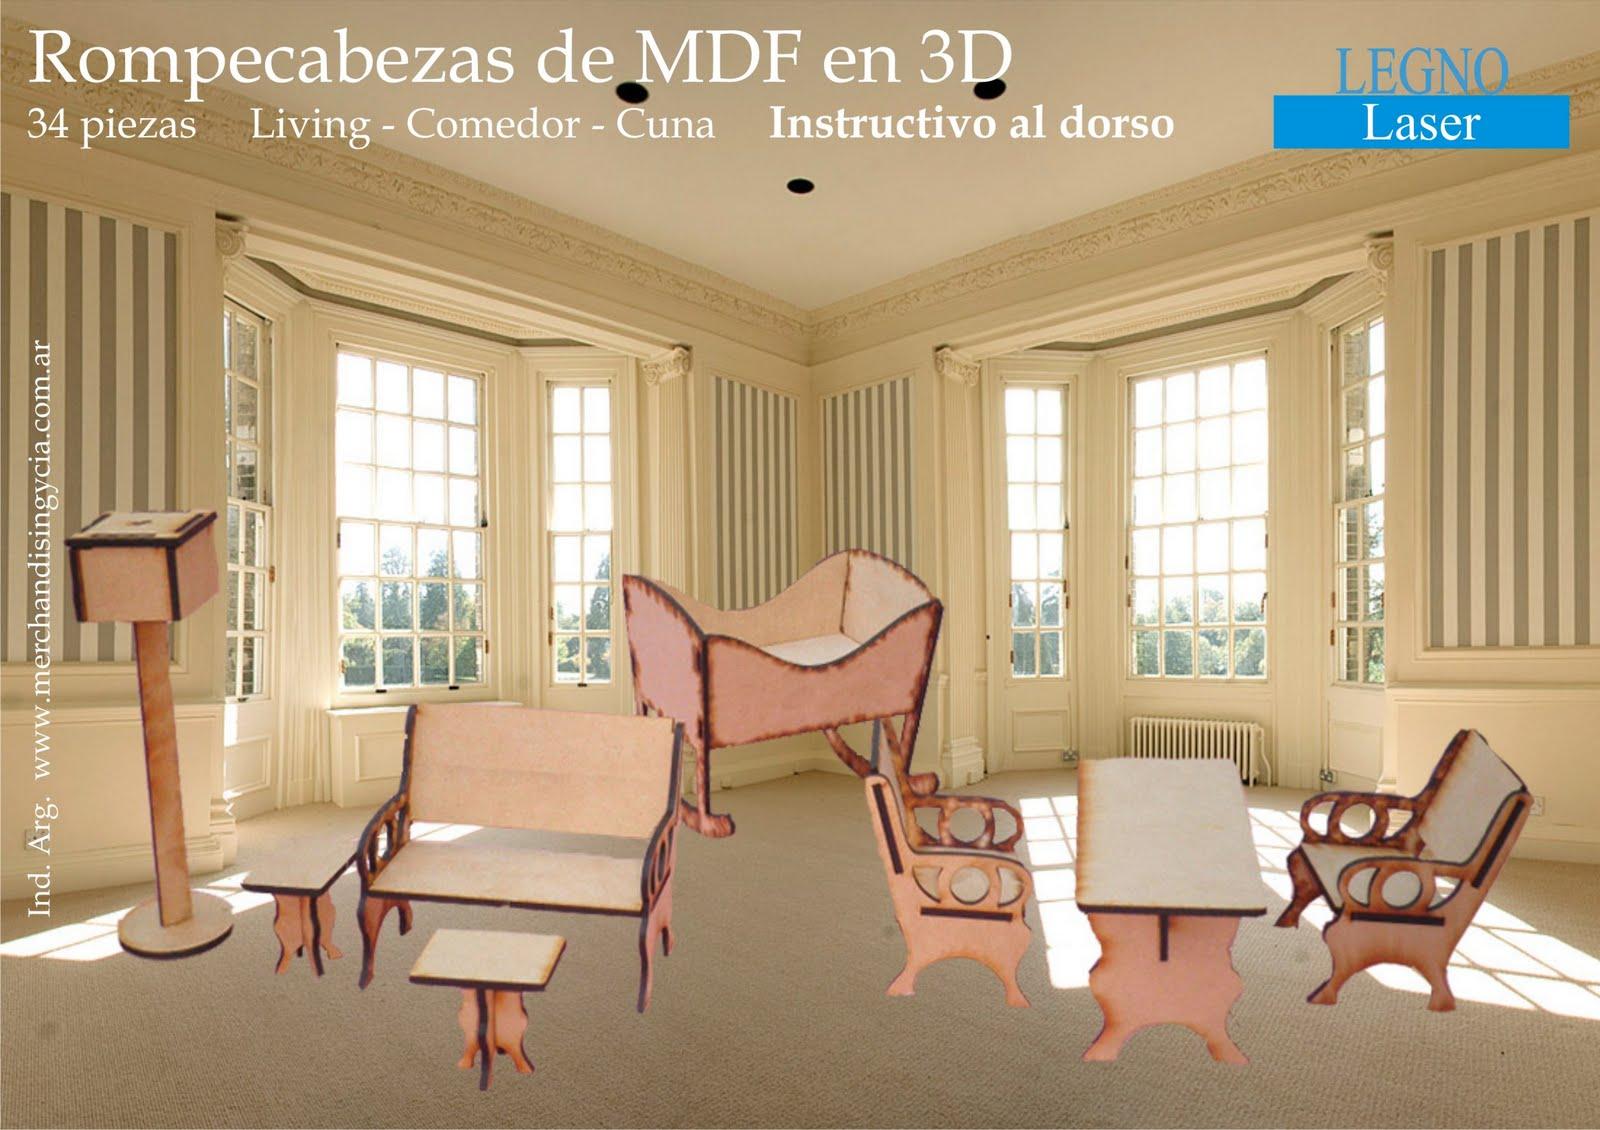 LEGNO Laser Rompecabezas 3D en MDF Modelo Set de Muebles I